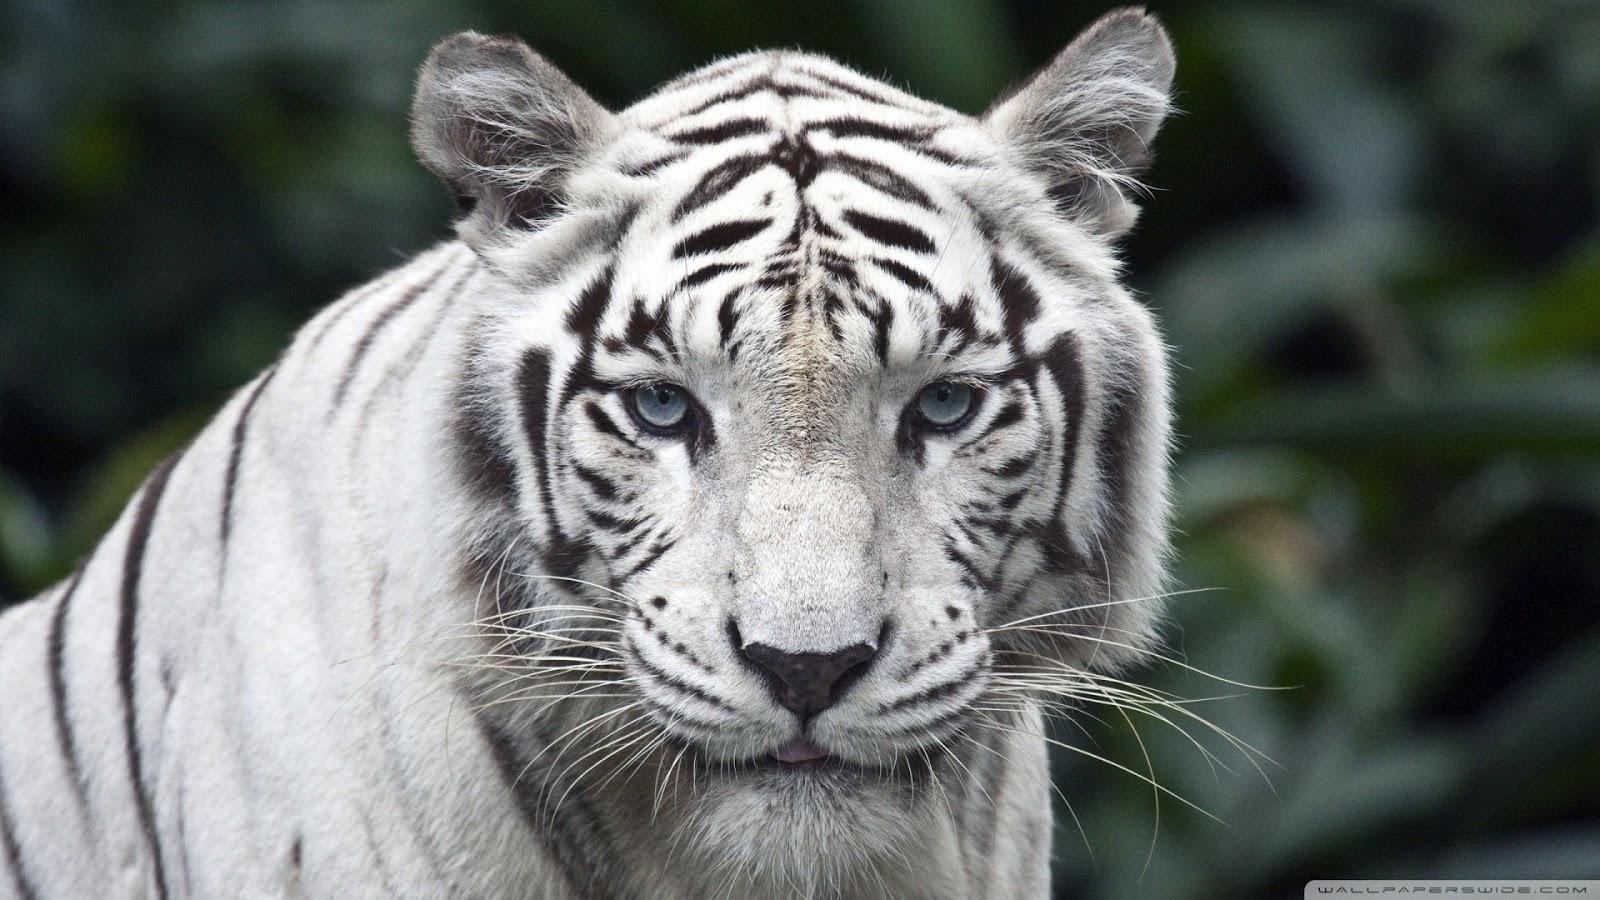 HD Wallpapers White Tiger HD Wallpaper 1080p 1600x900